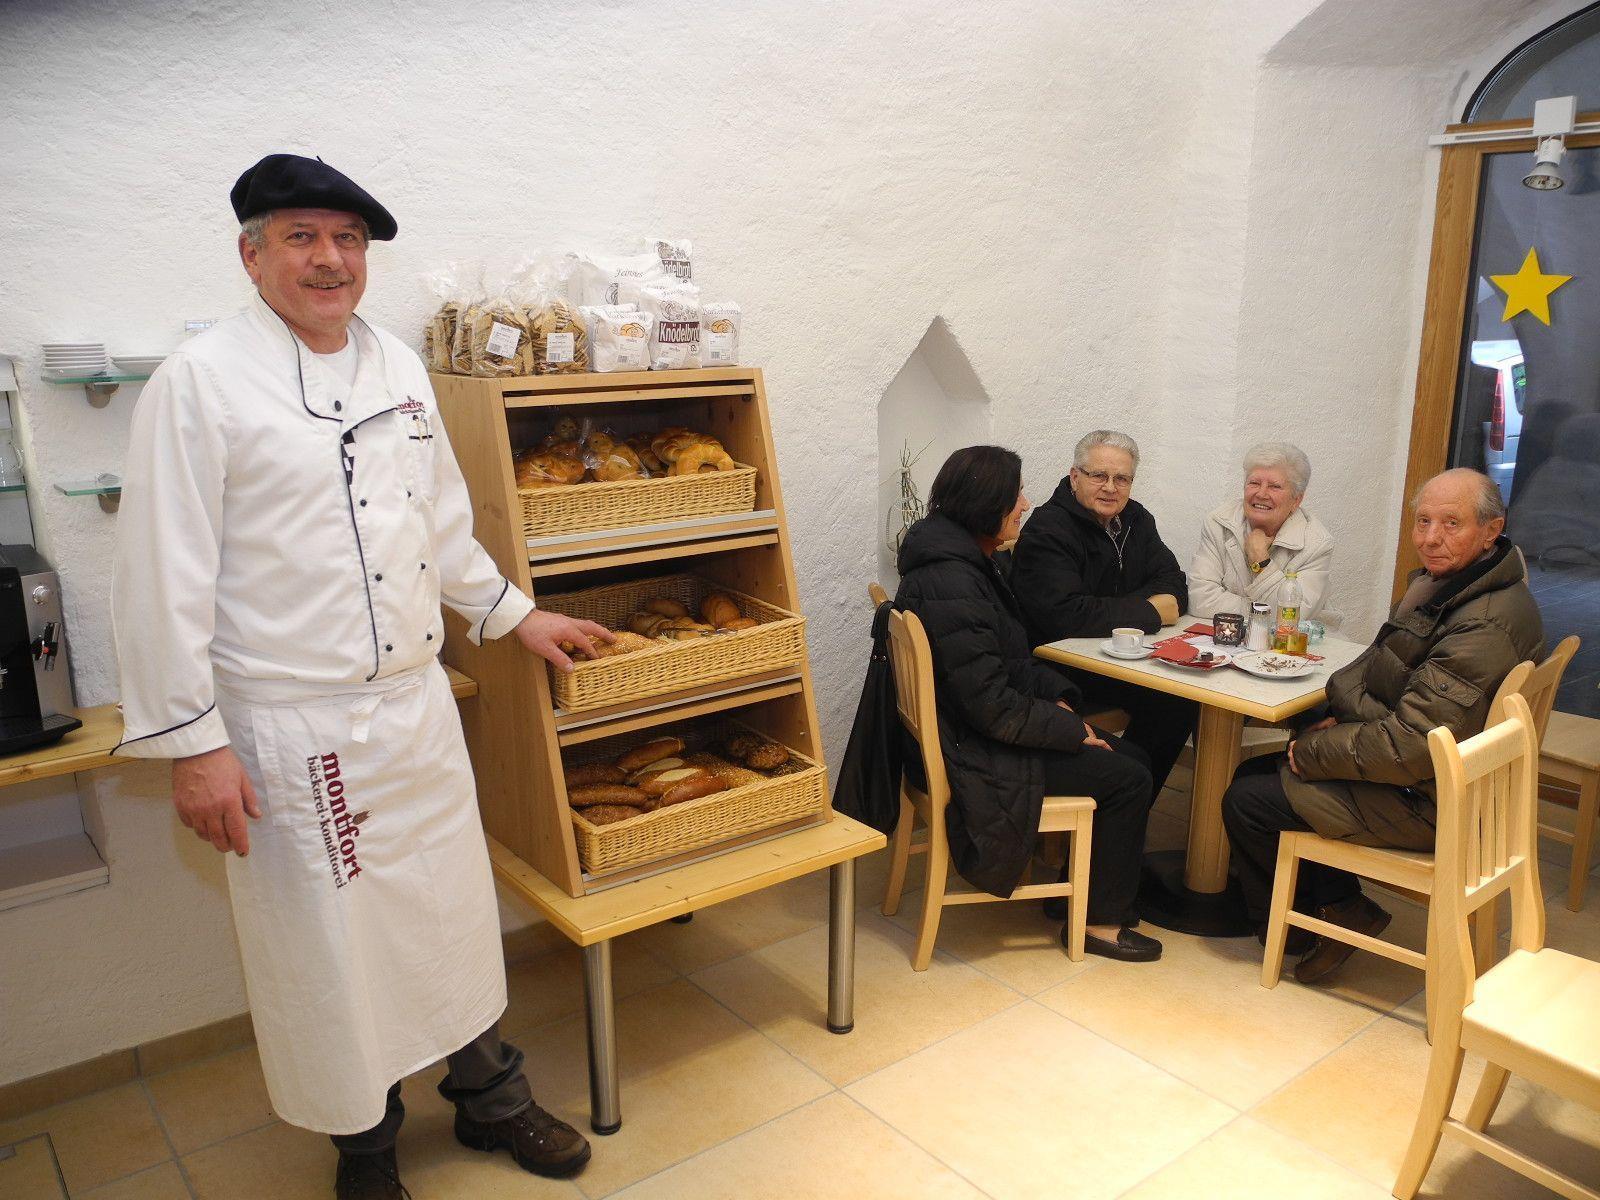 Bäckermeister Manfred Kuster in seiner neuen Monfort Bäckerei Filiale